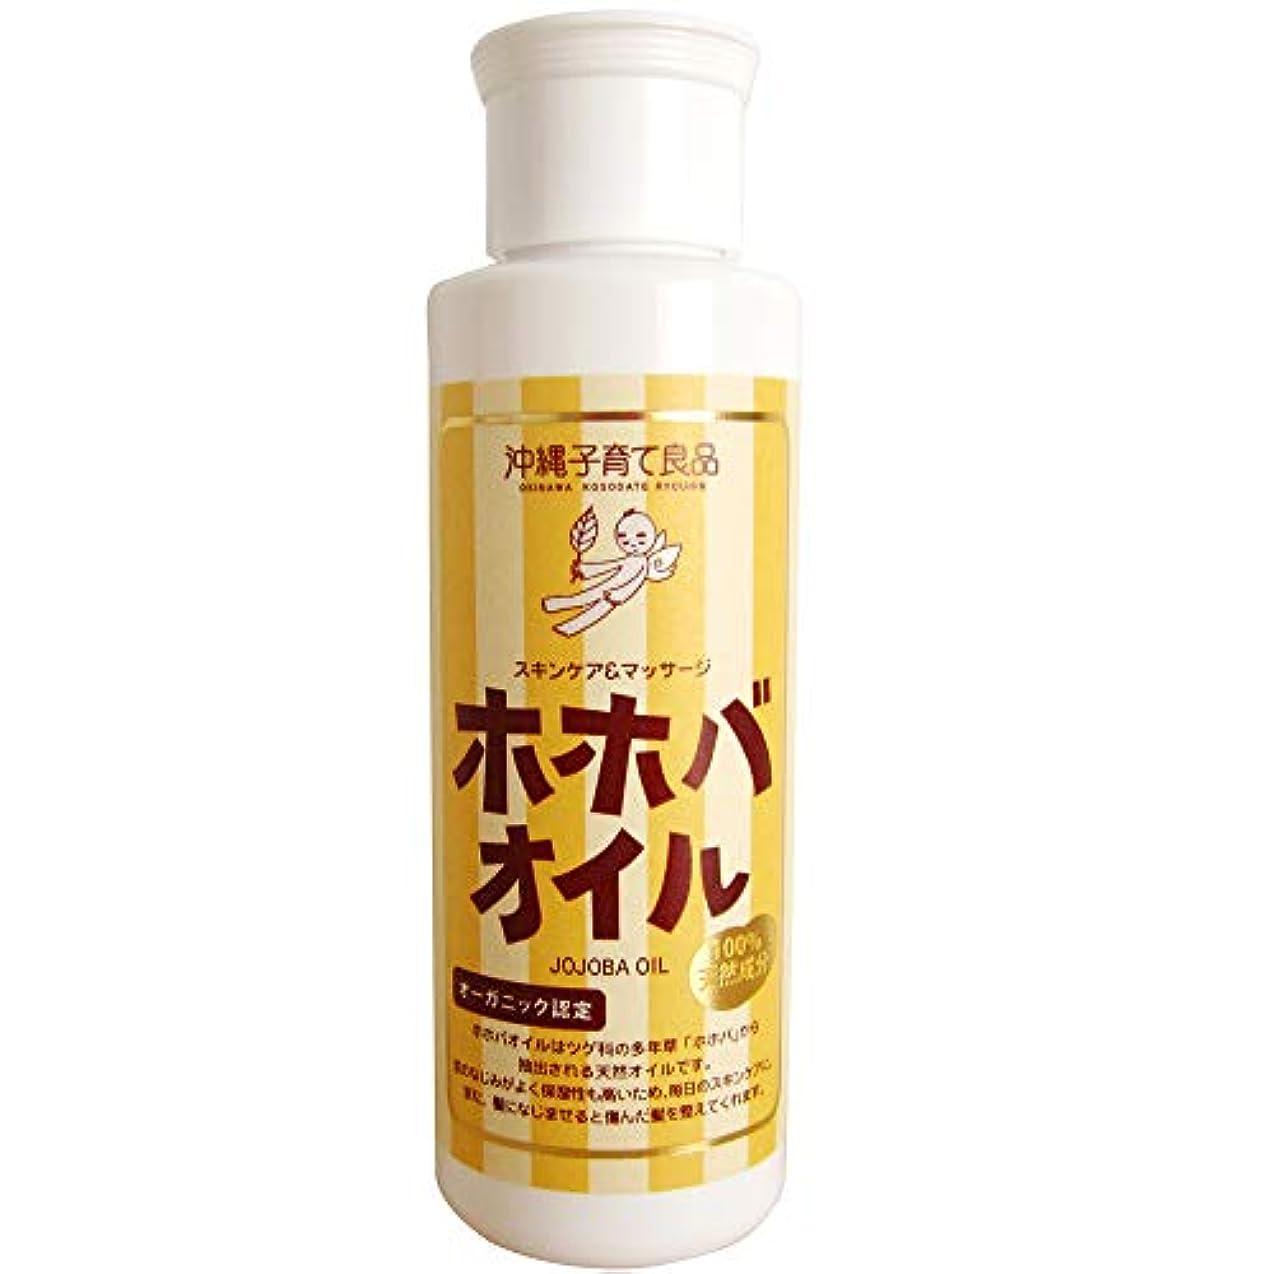 電池母フローホホバオイル/jojoba oil (100ml)